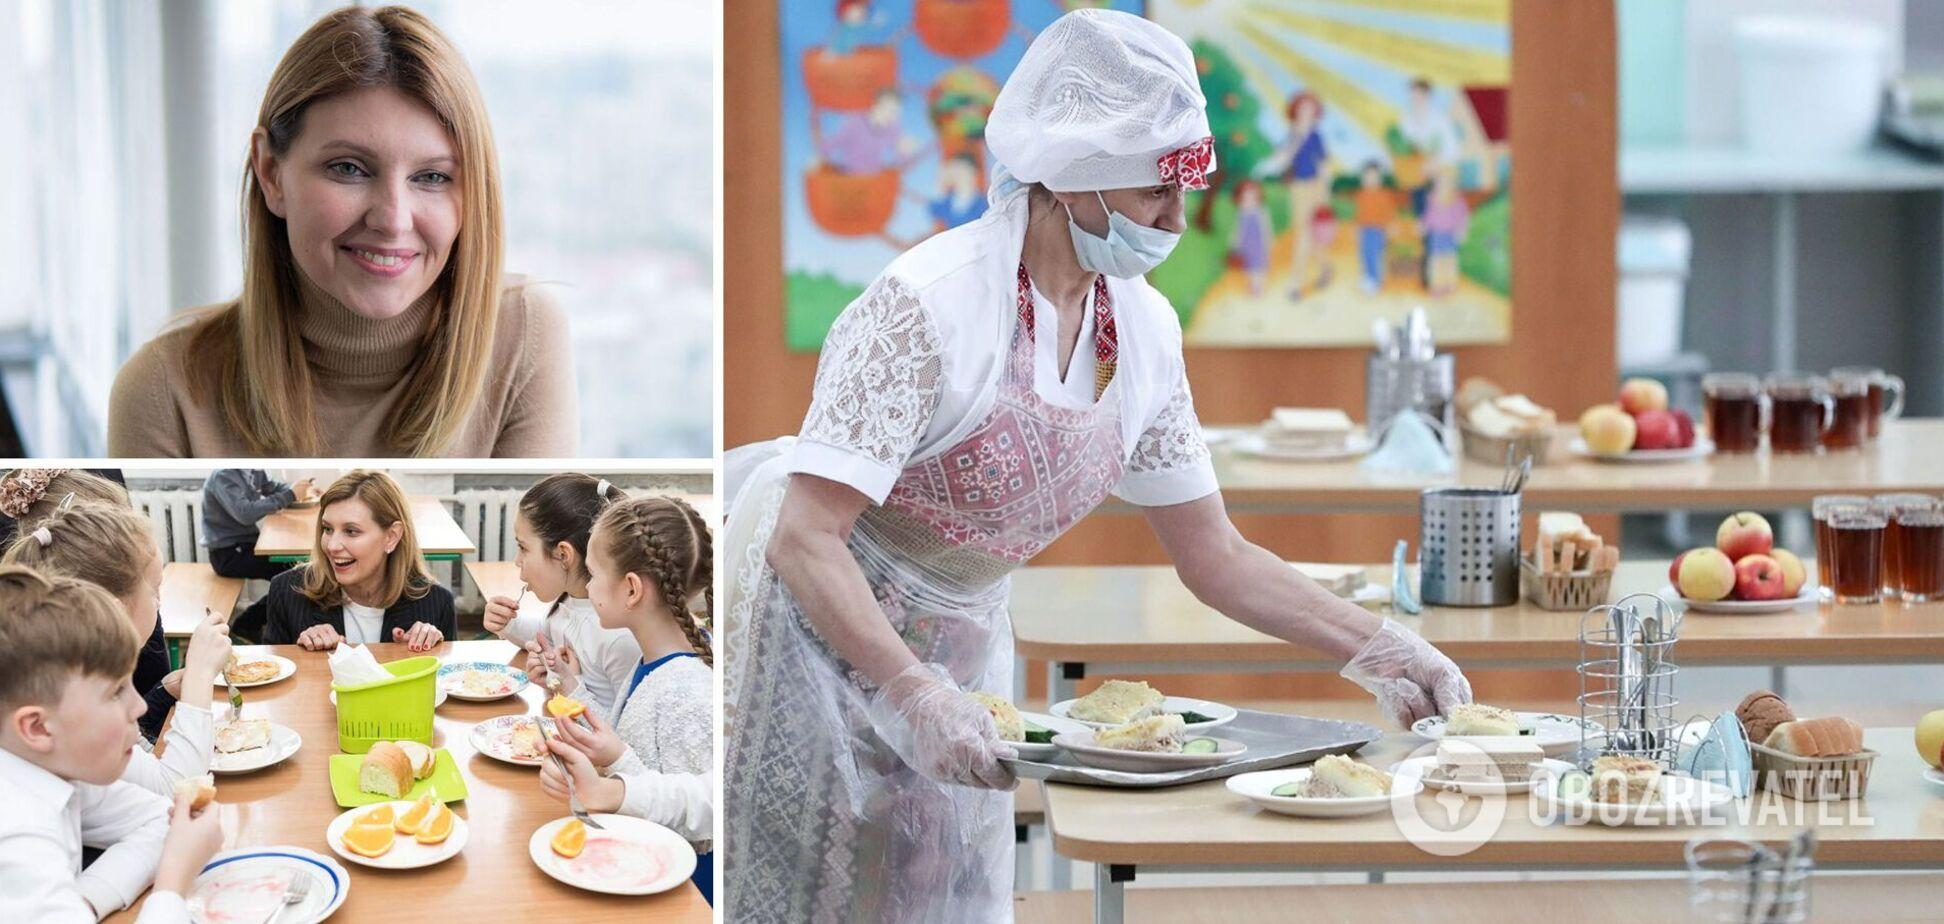 Зеленська очікує цунамі хейту на реформу шкільного харчування: 'мафія' харчується за рахунок дітей